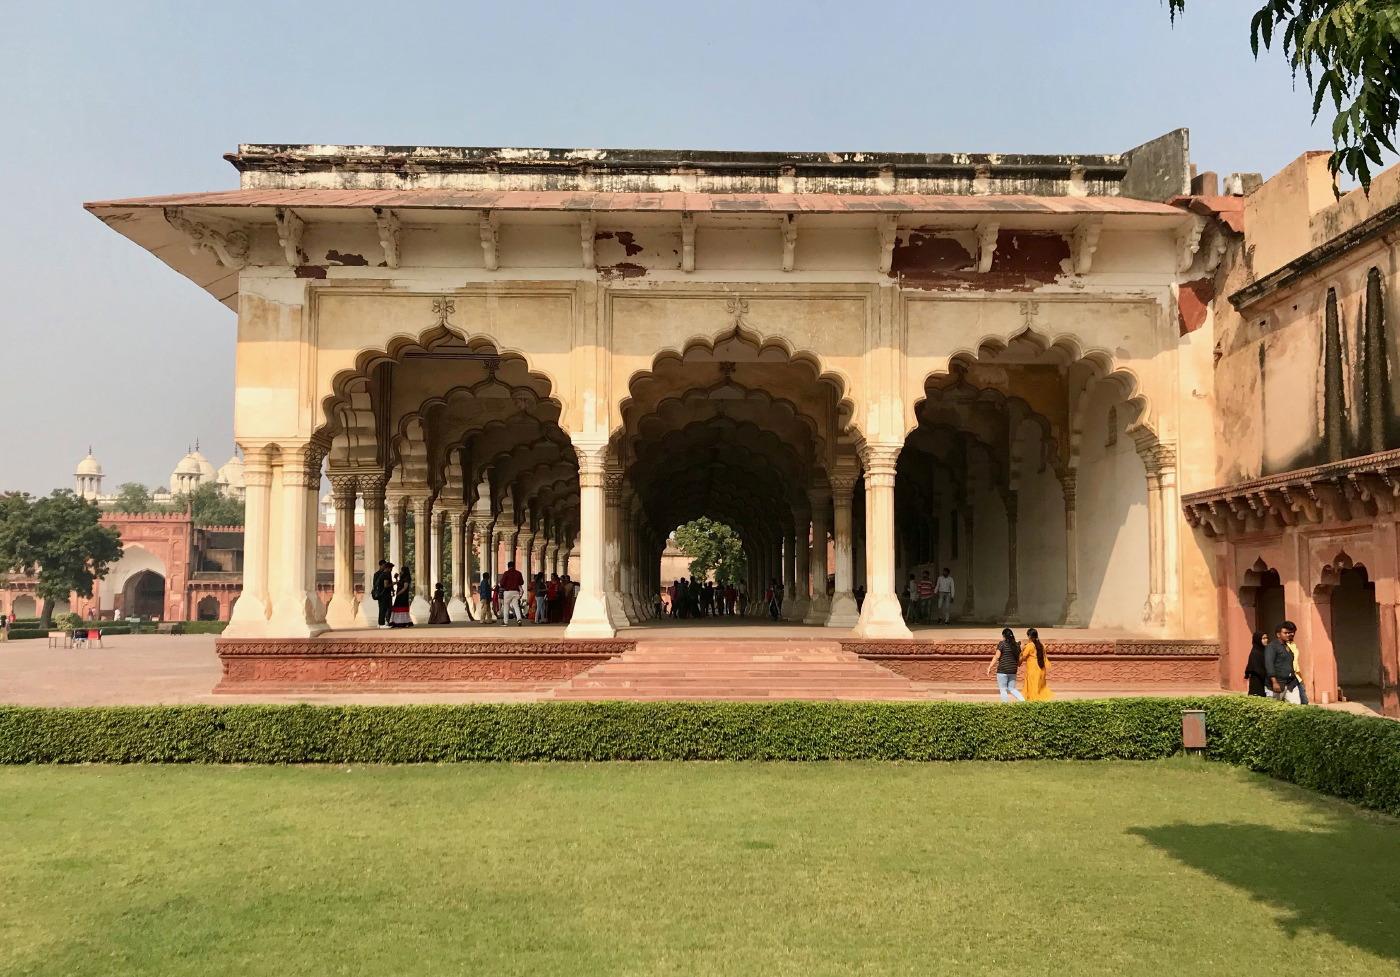 Agra (21 au 23 novembre)_12.JPG